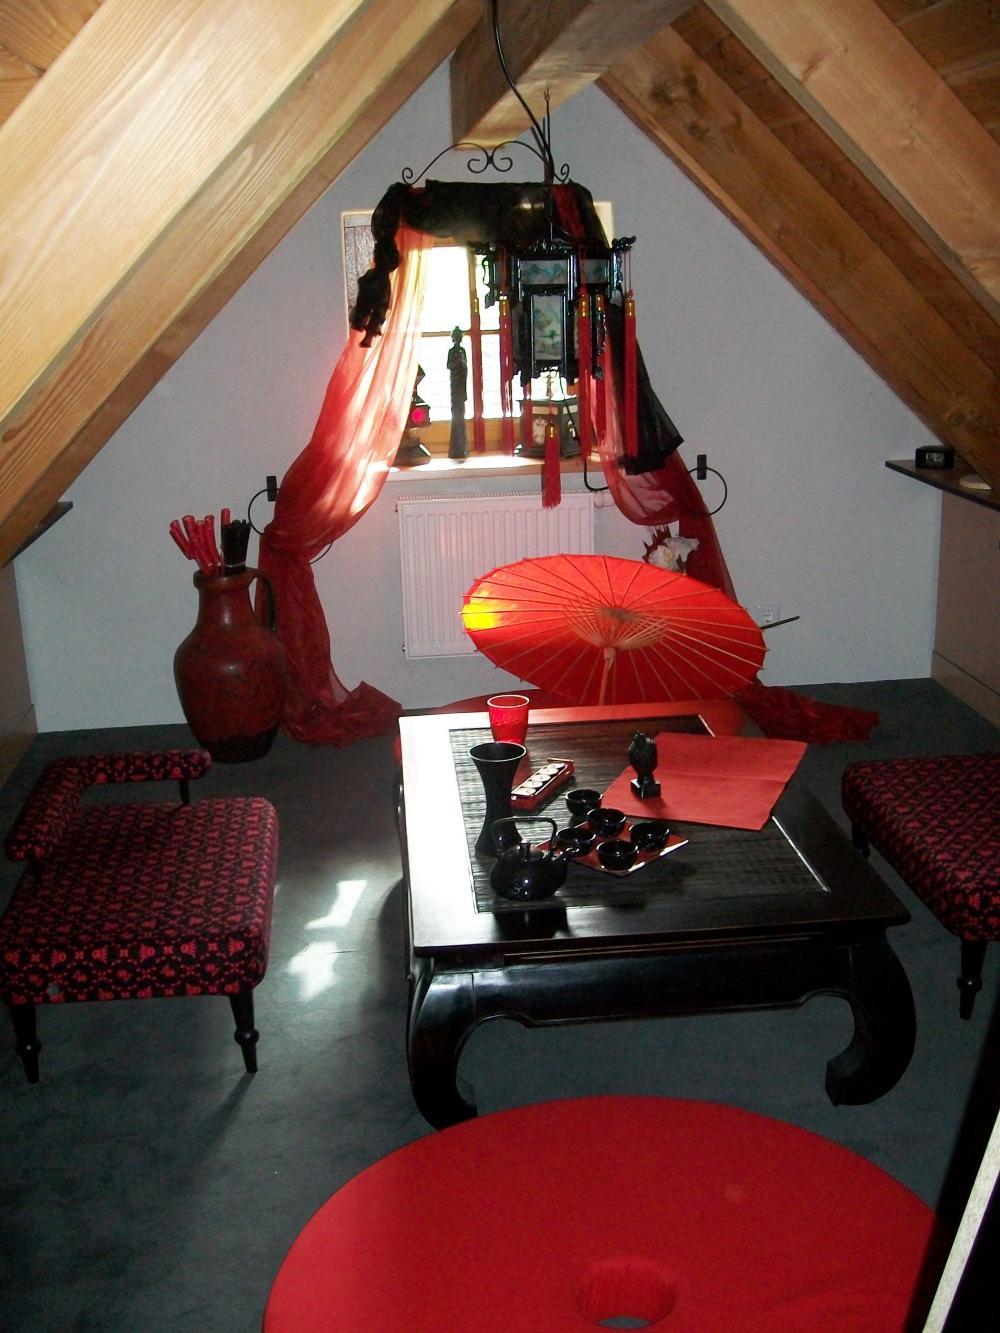 asiatisches beisammensein asiatisch wohnzimmer in rot. Black Bedroom Furniture Sets. Home Design Ideas